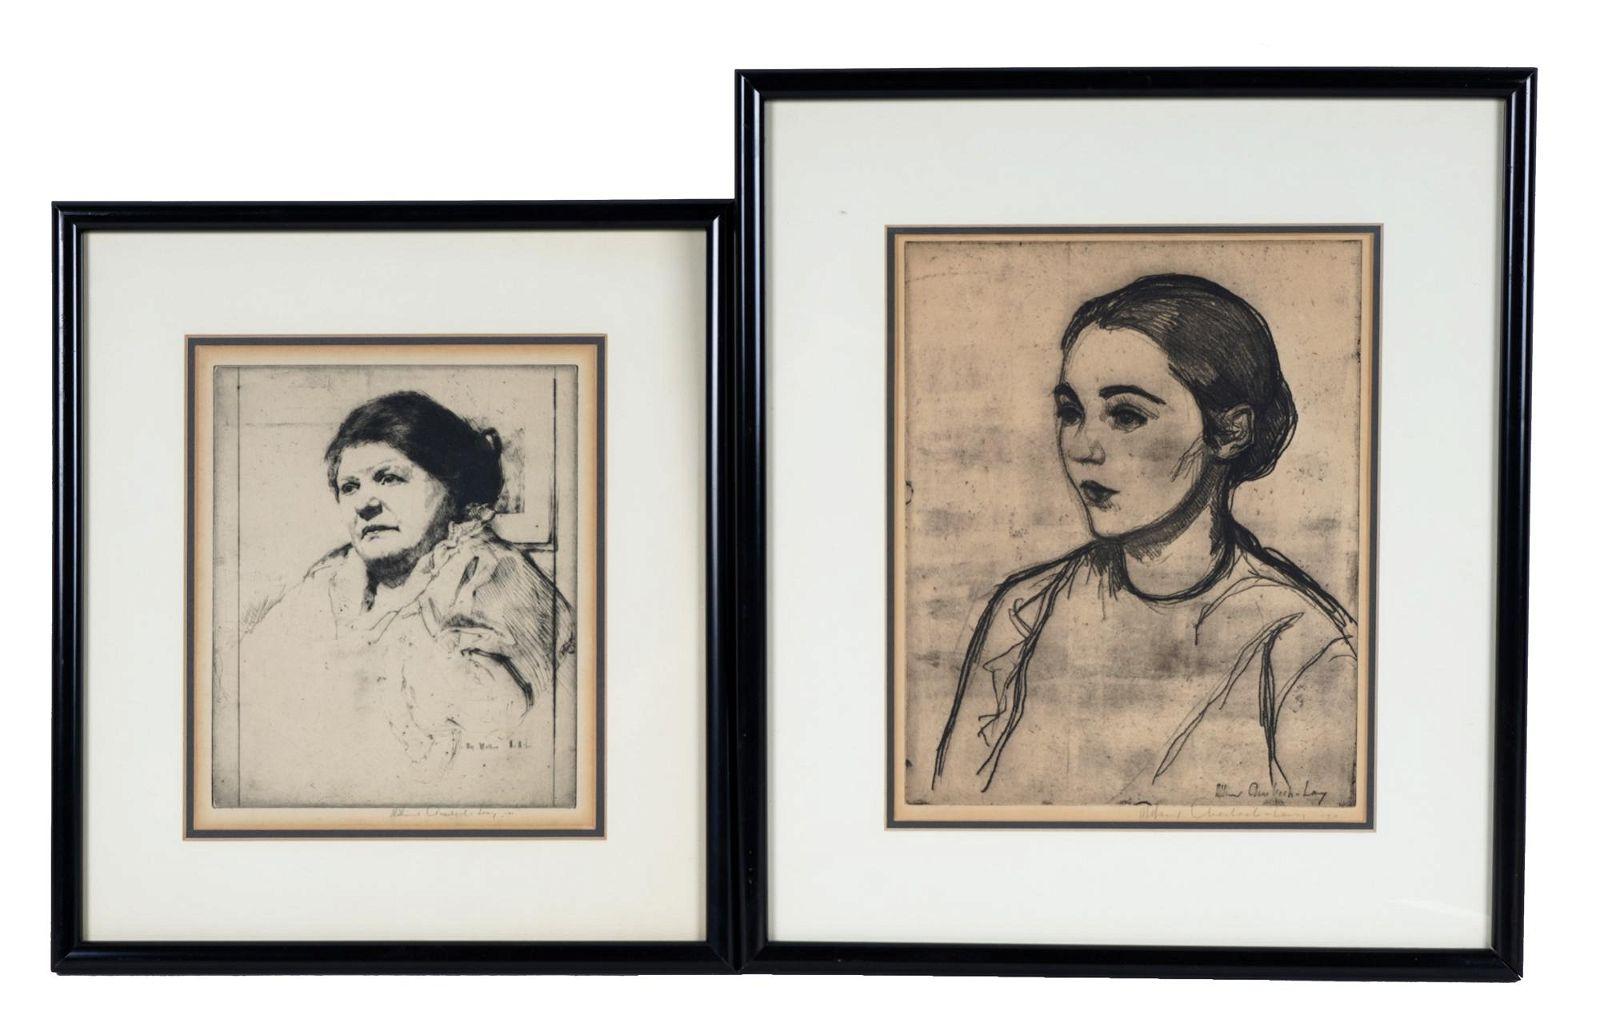 WILLIAM AUERBACH-LEVY: TWO PORTRAIT PRINTS